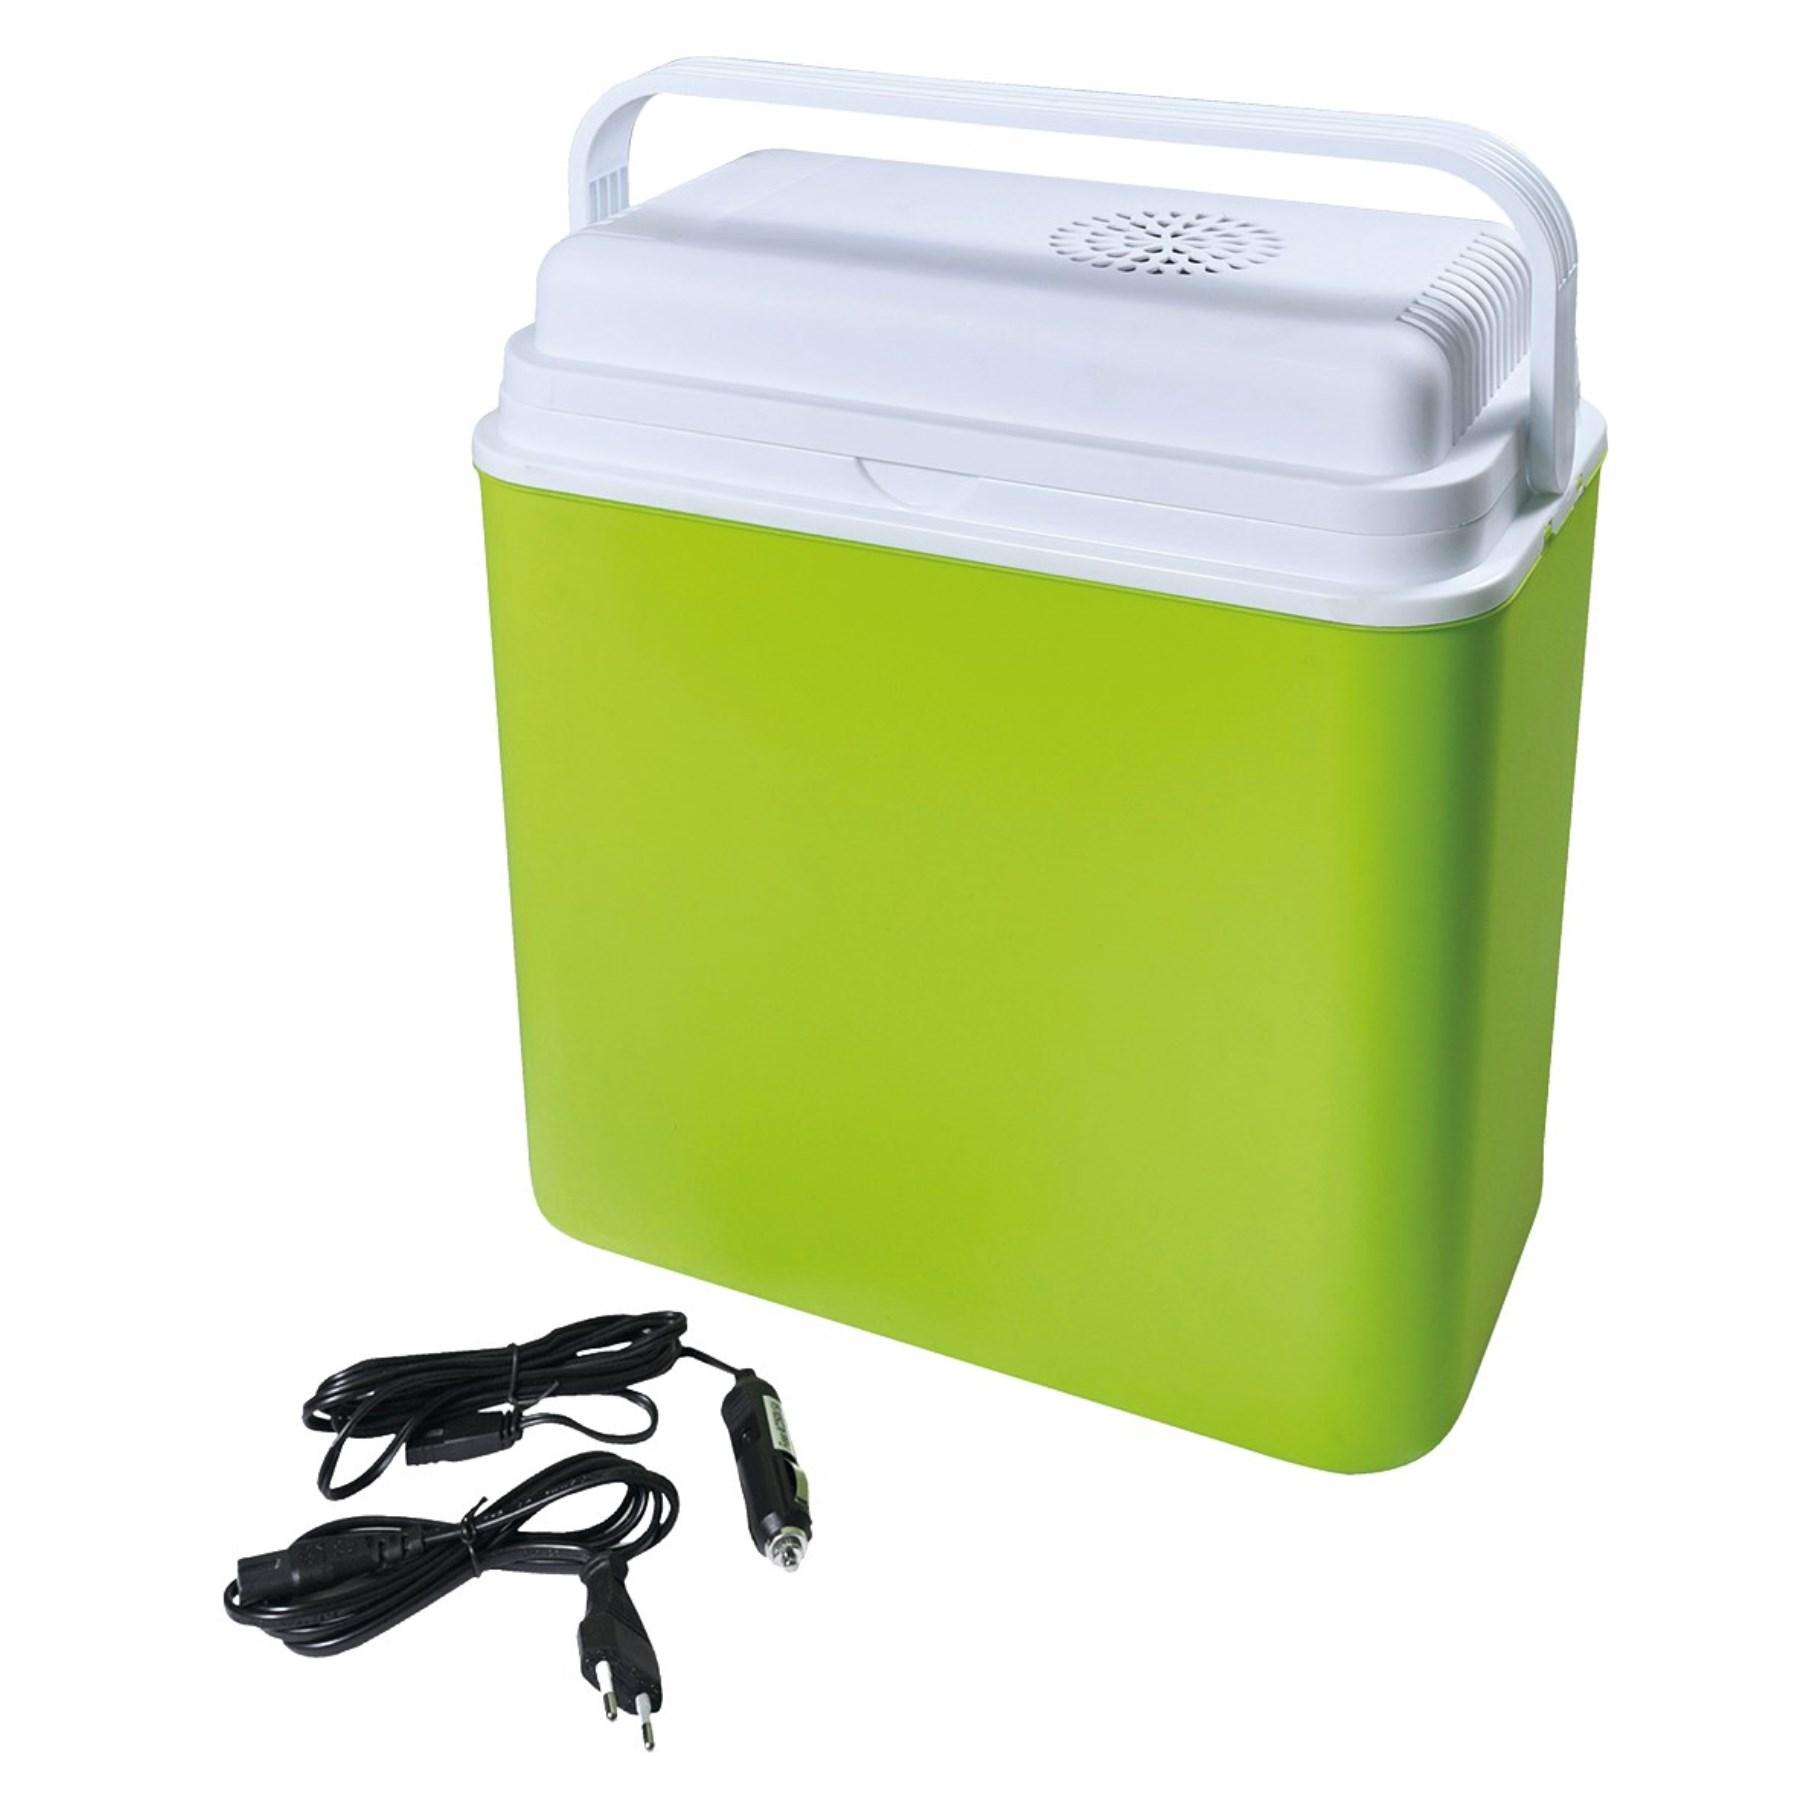 PROFESIONAL Elektrický chladíci box 20L 12V, 230V + zástrčka